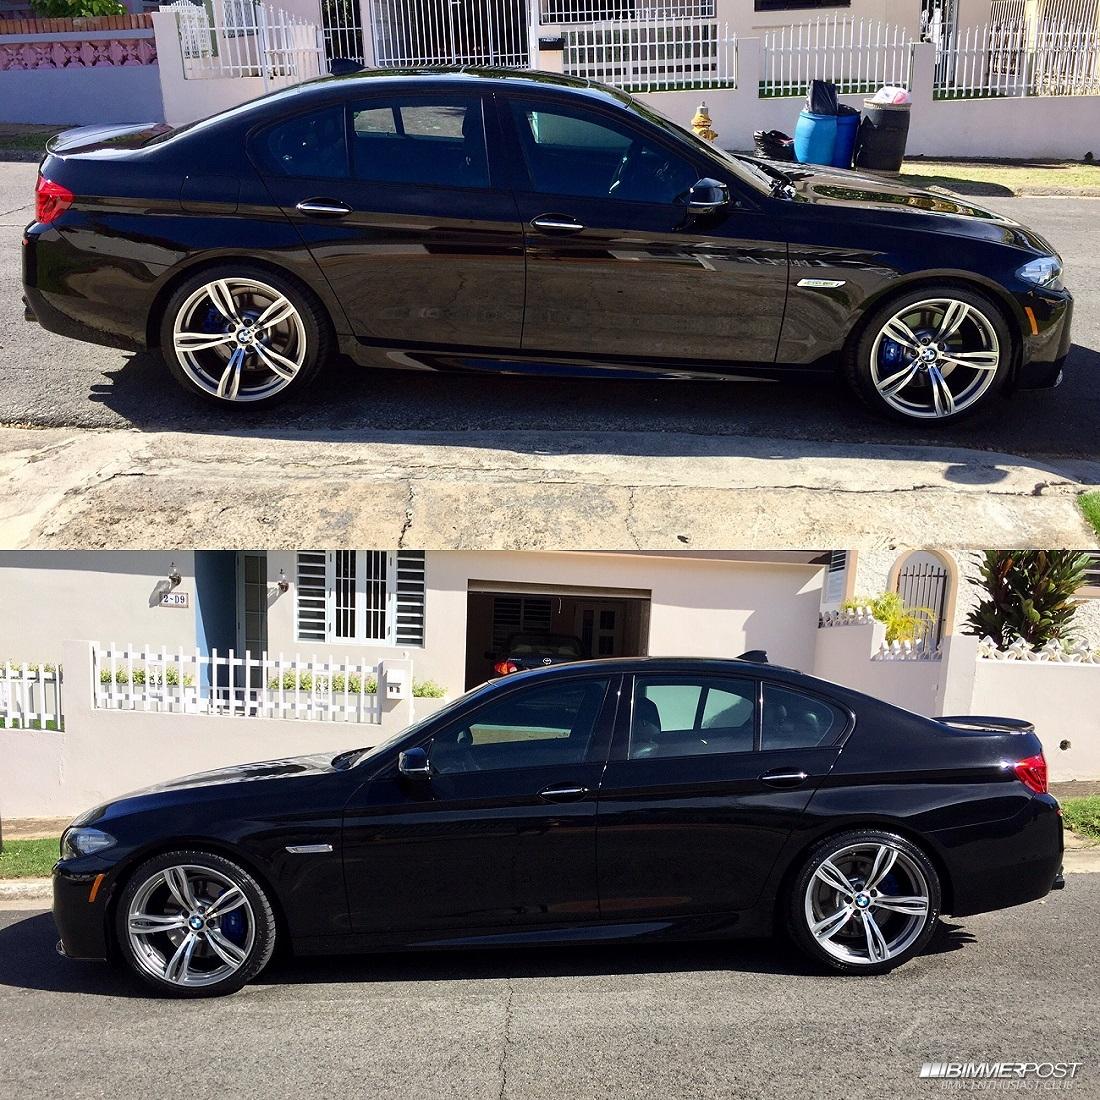 Gabypr's 2015 BMW 535i F10